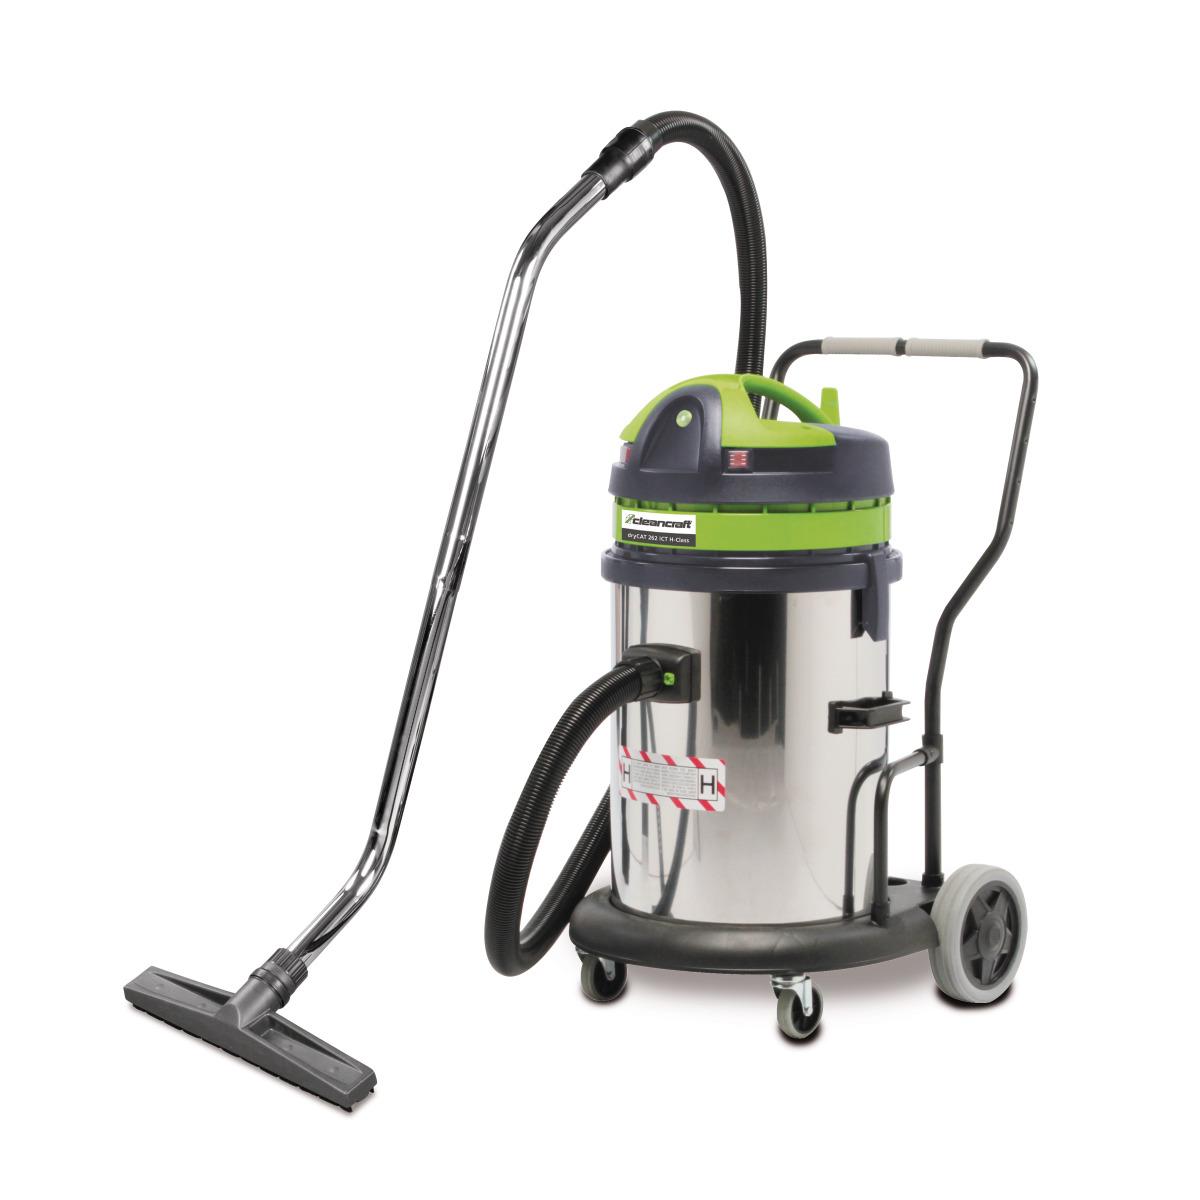 CLEANCRAFT Trockensauger dryCAT 262 ICT - Filterklasse H - für giftige und gesundheitsschädliche Stoffe